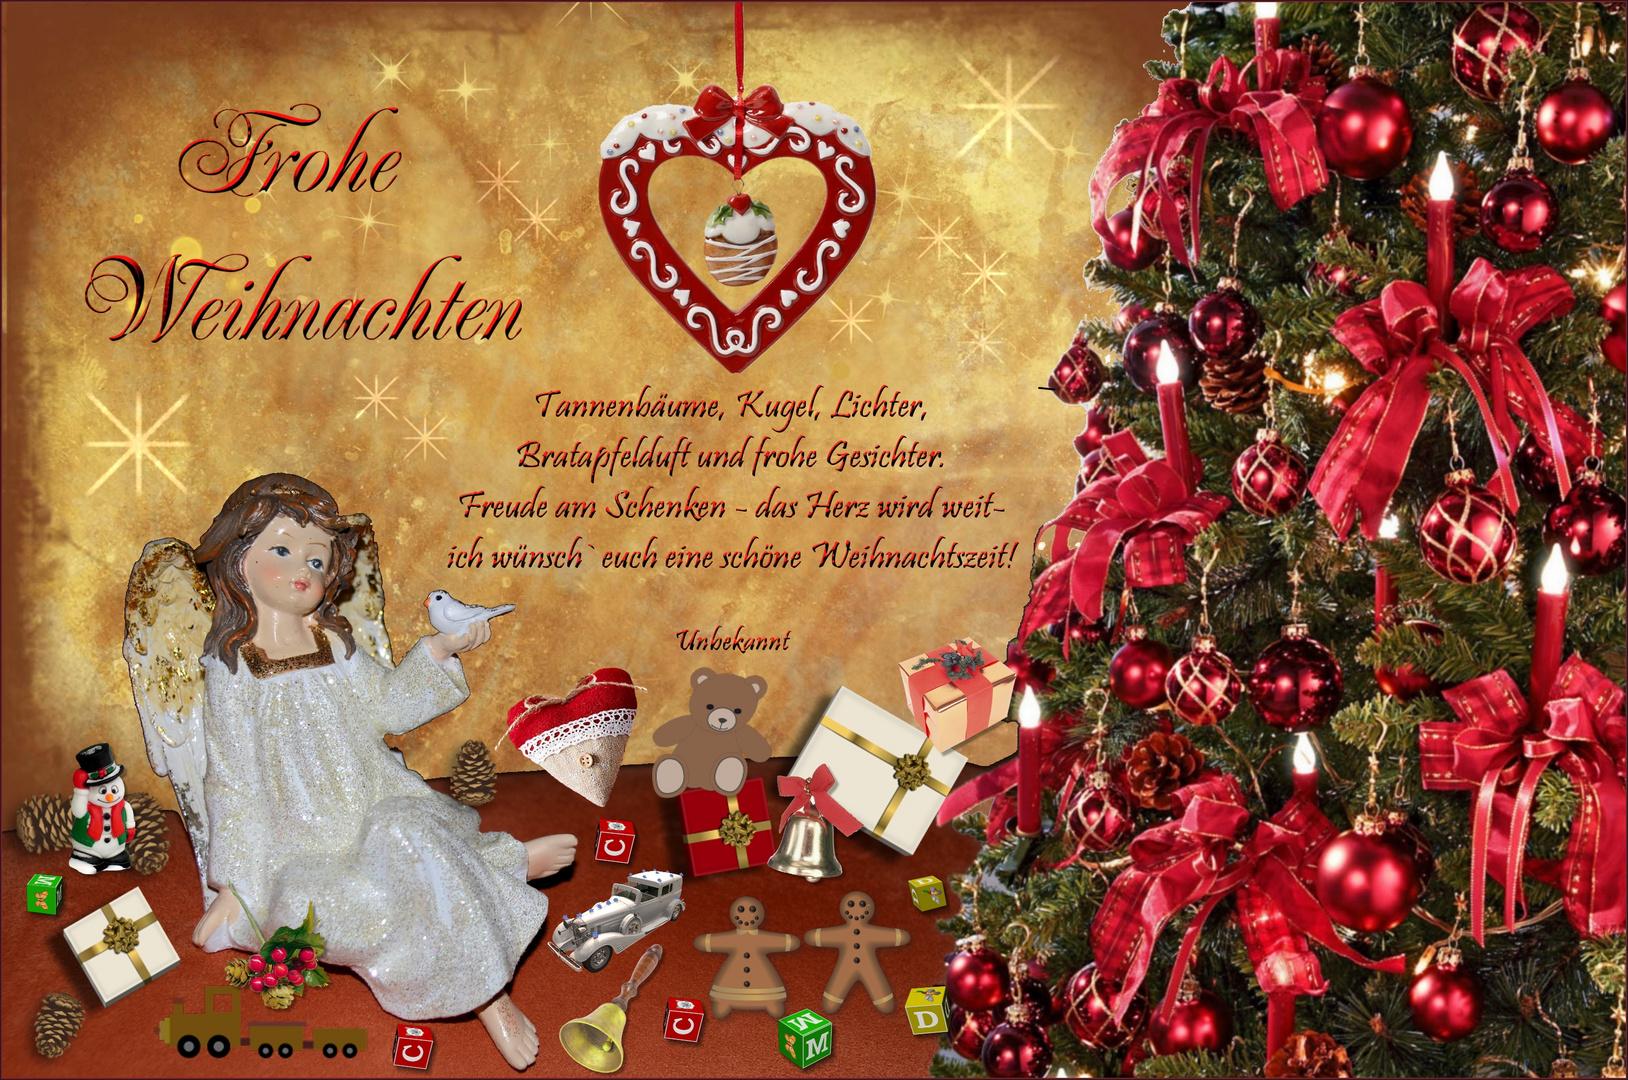 Frohe Weihnachten-3-